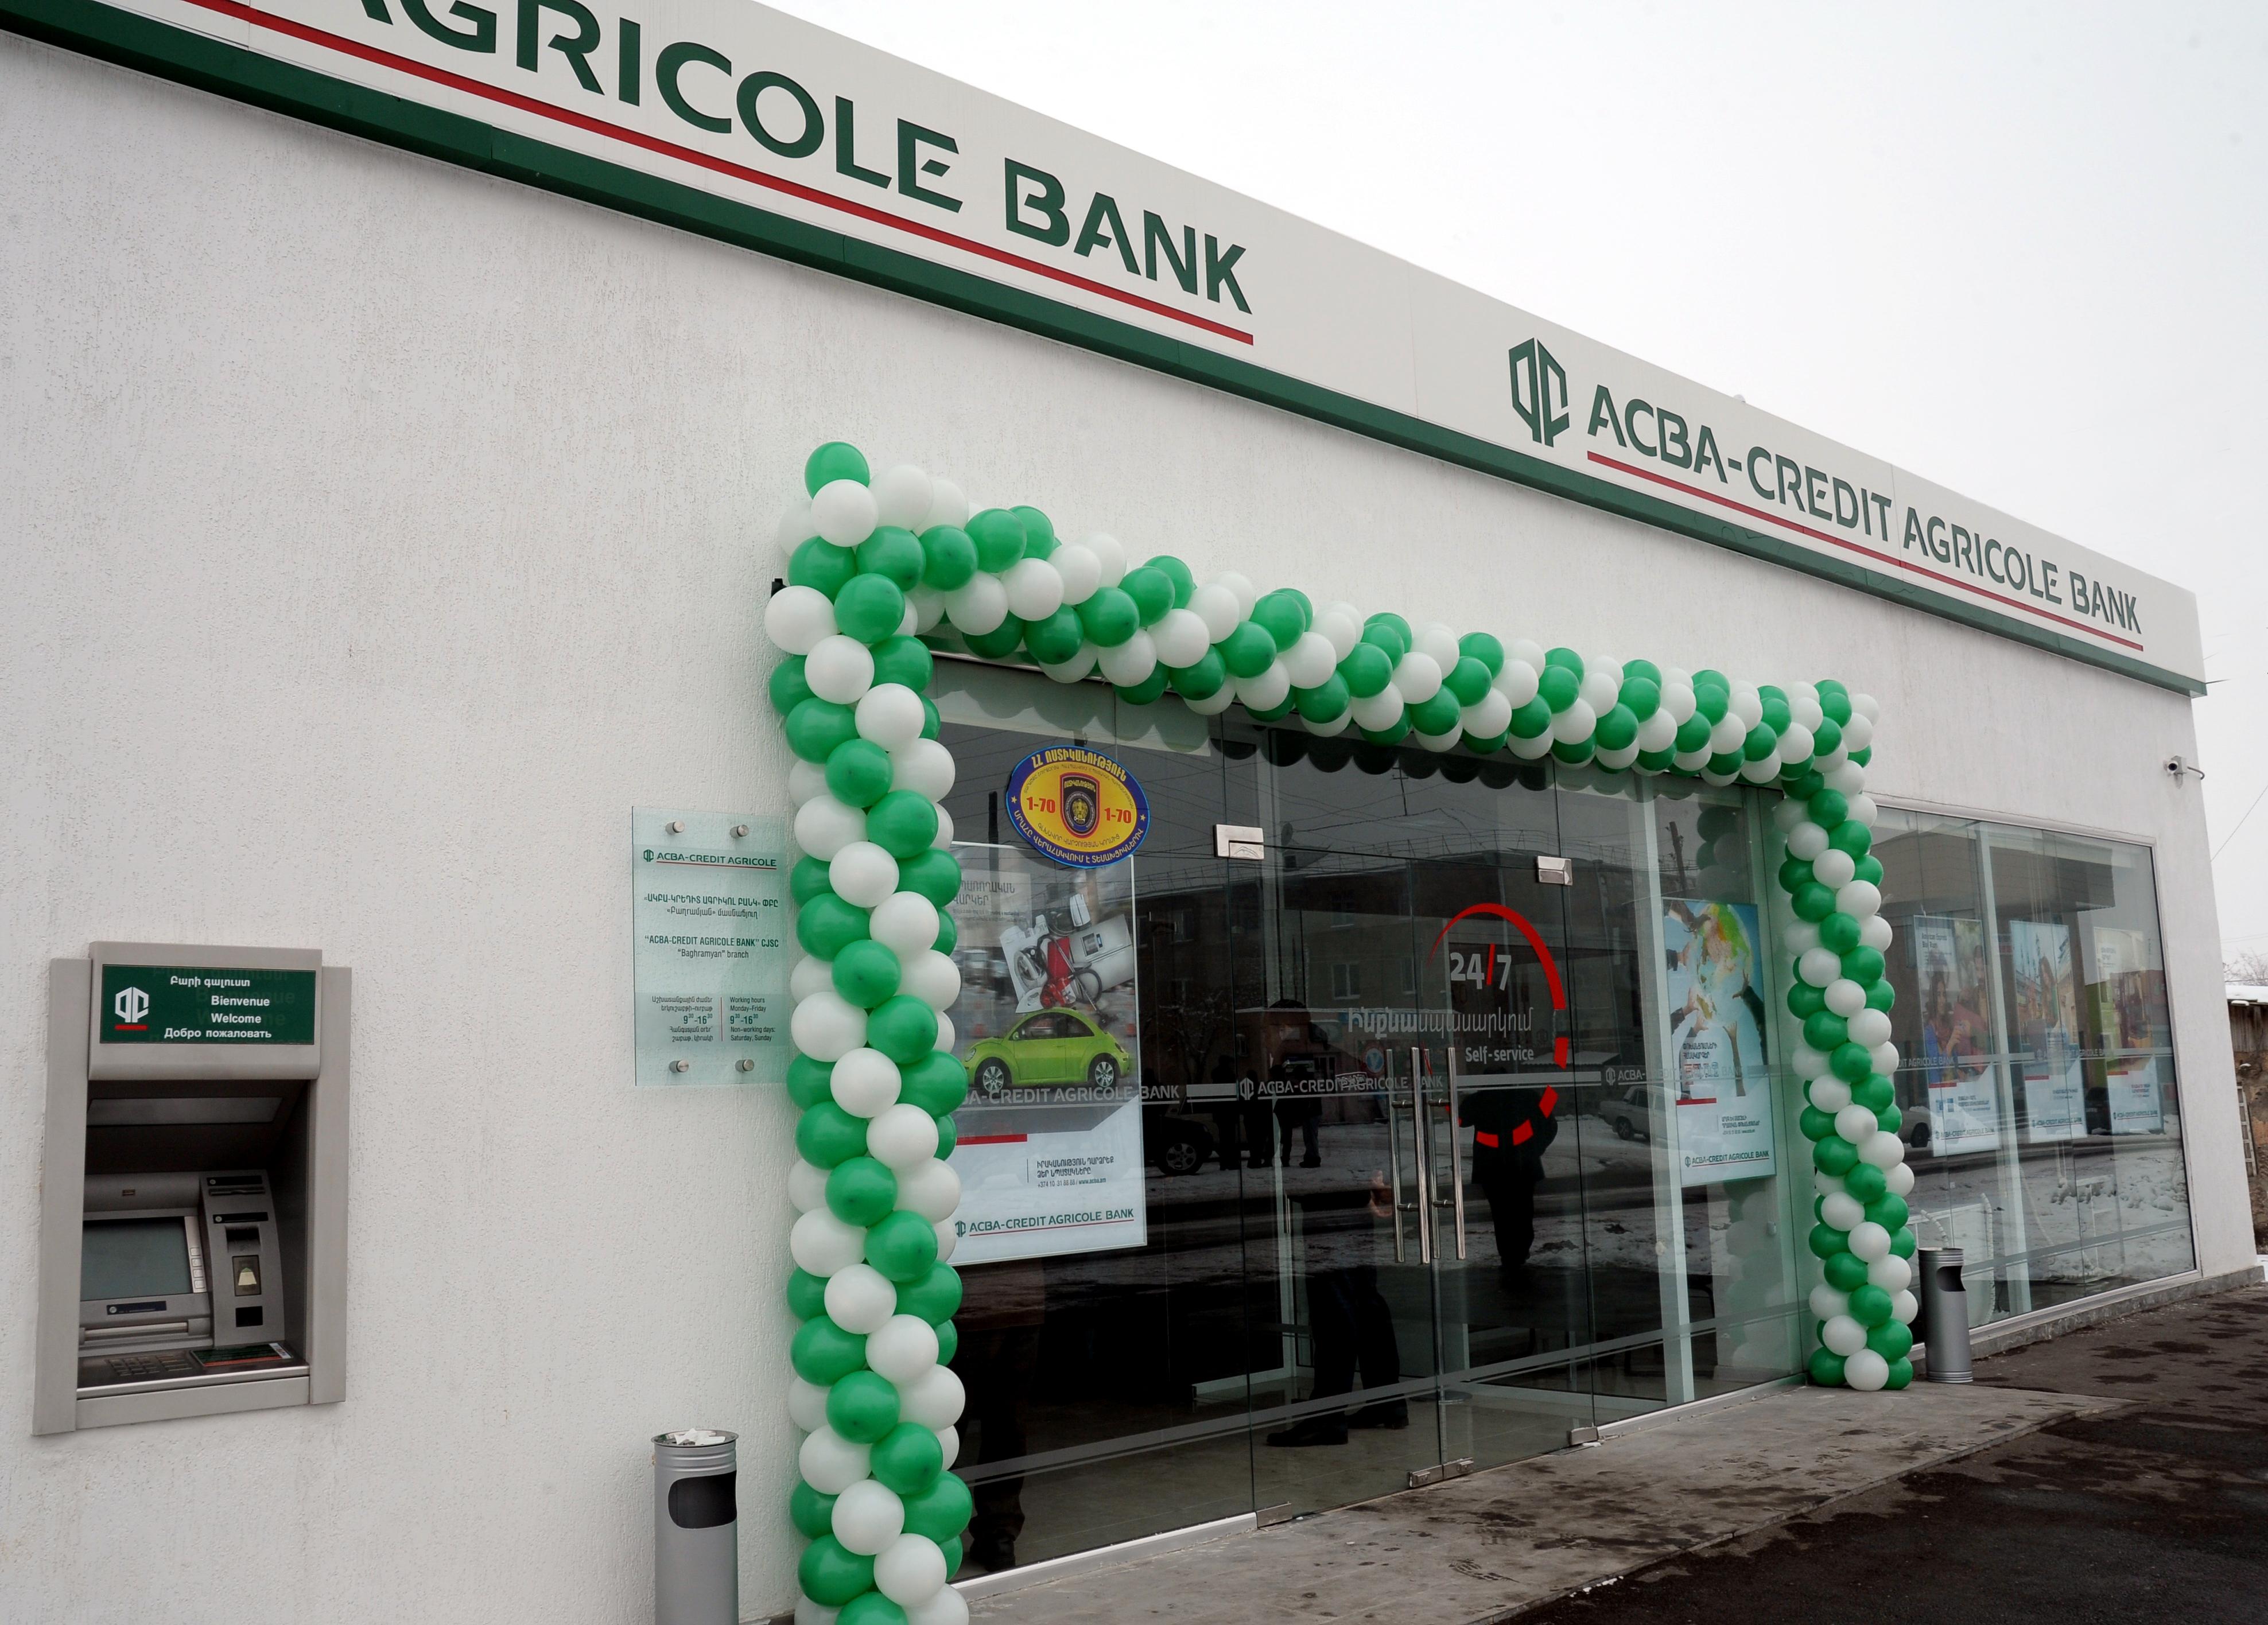 ԱԿԲԱ-ԿՐԵԴԻՏ ԱԳՐԻԿՈԼ ԲԱՆԿ. գործարկվել է բանկի հերթական մասնաճյուղը գյուղական համայնքում